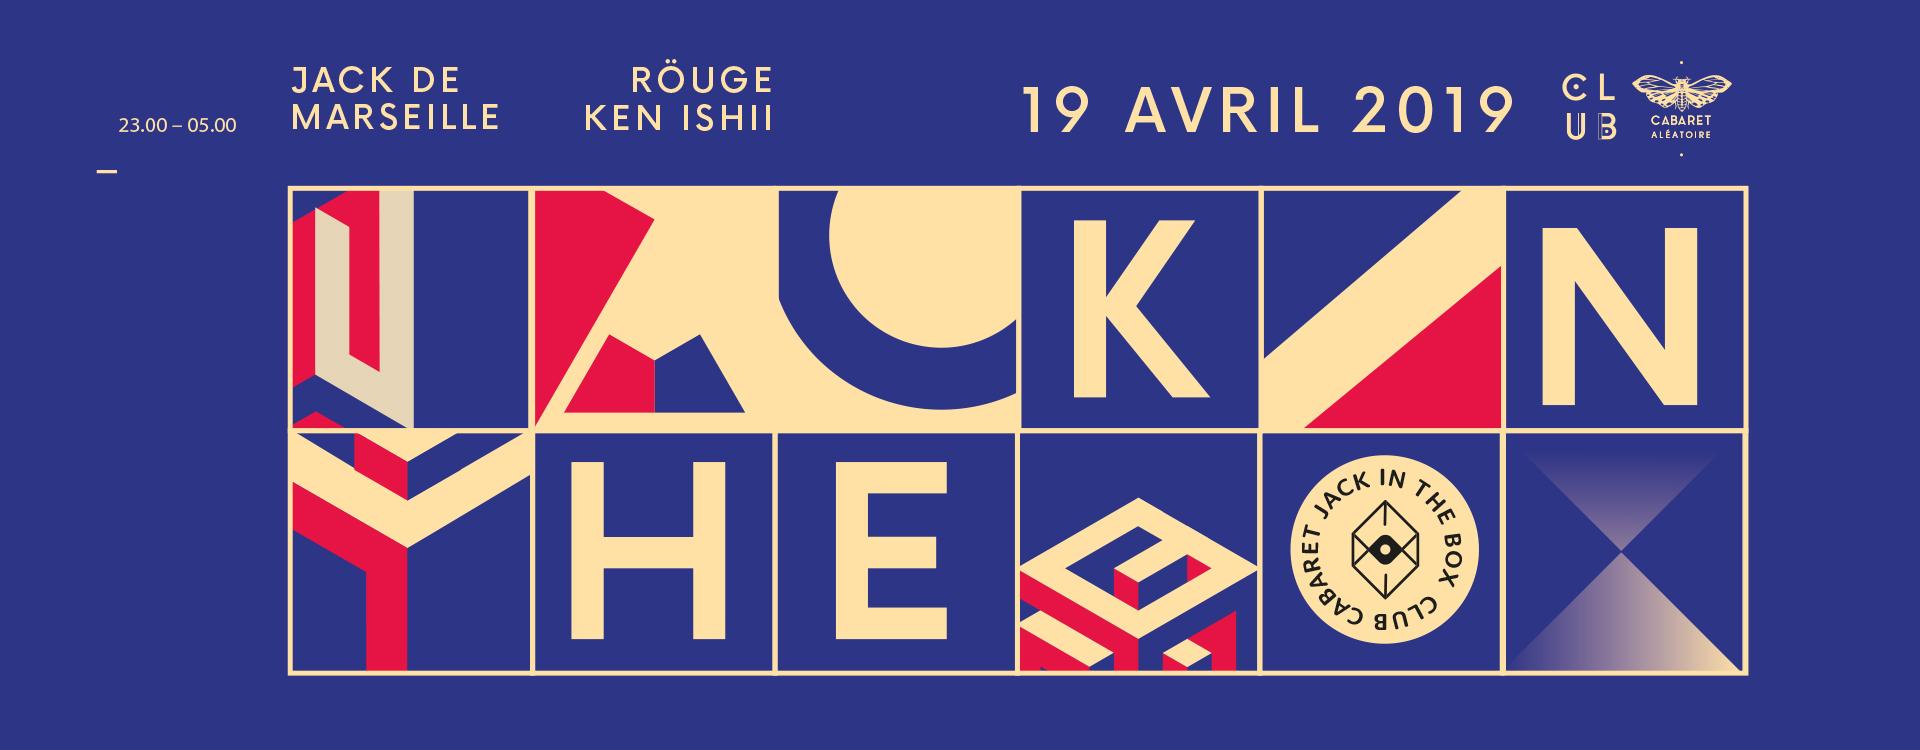 Club Cabaret x Jack In The Box  Festival : Ken Ishii + Röuge + Jack de Marseille